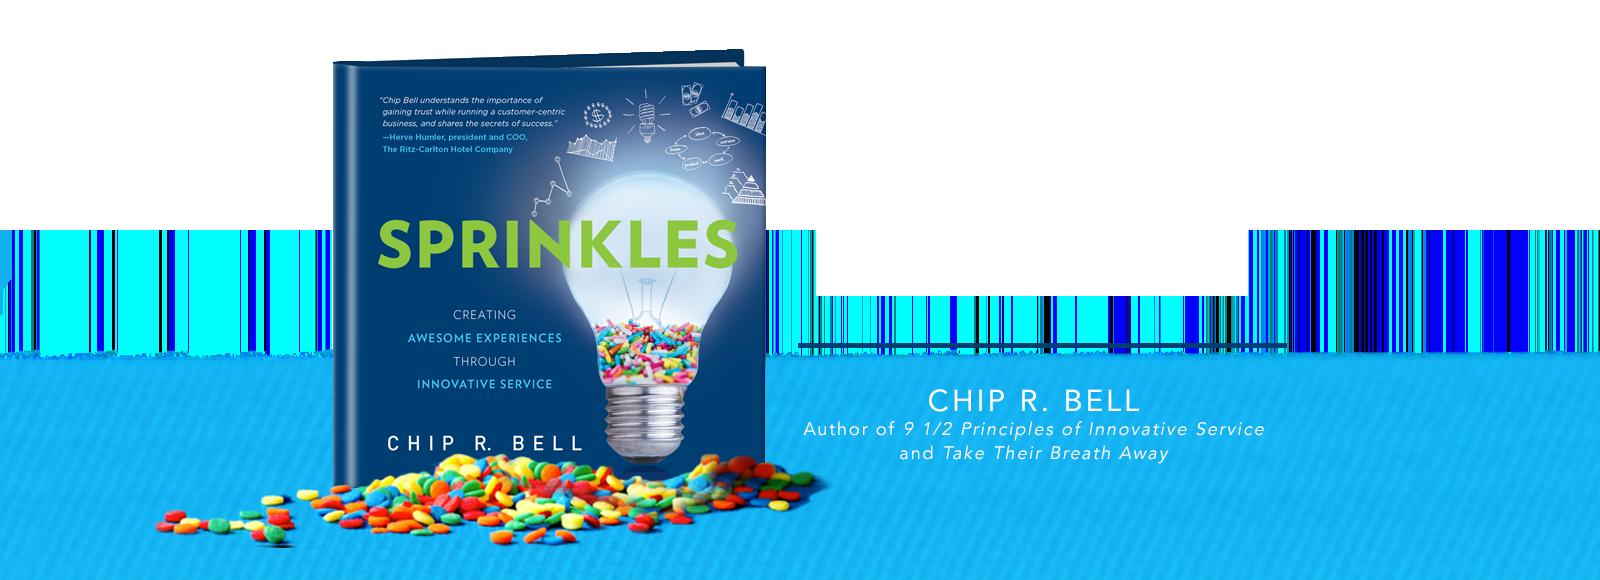 SprinklesBook.jpg